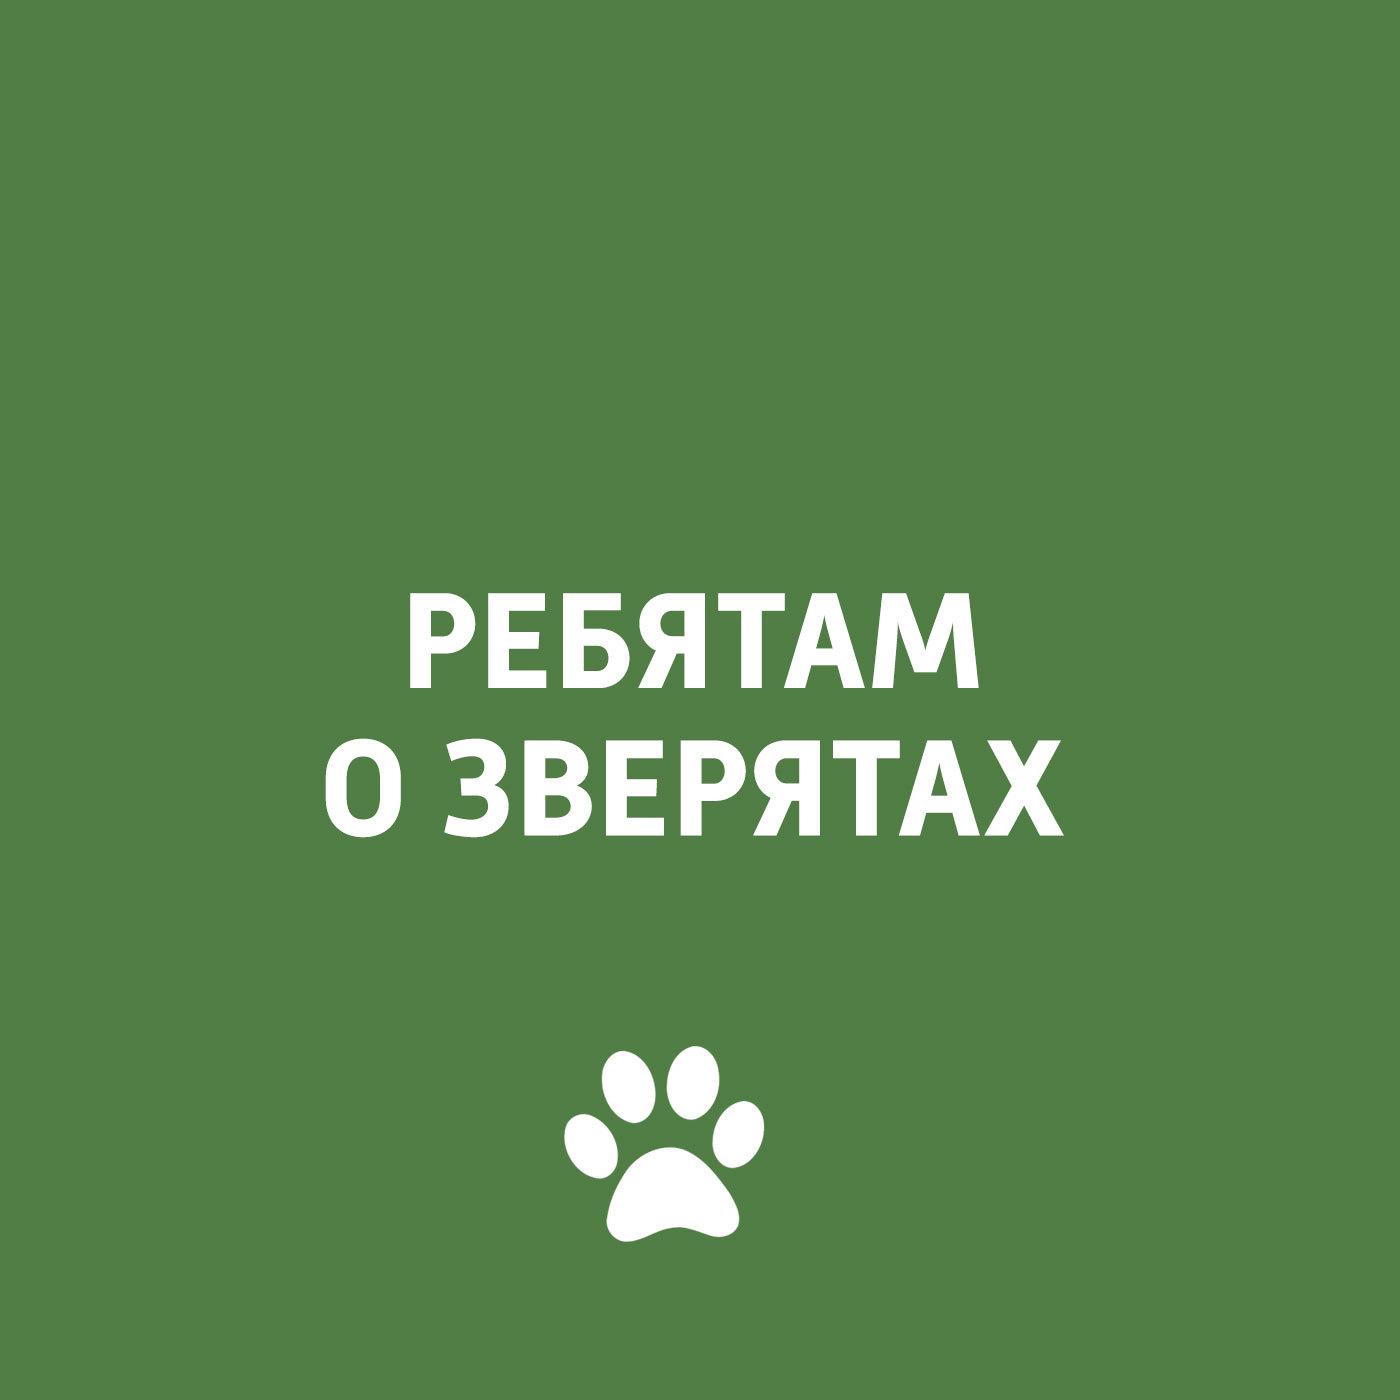 Творческий коллектив программы «Пора домой» О взаимоотношениях собаки и хозяина творческий коллектив программы пора домой бангкок